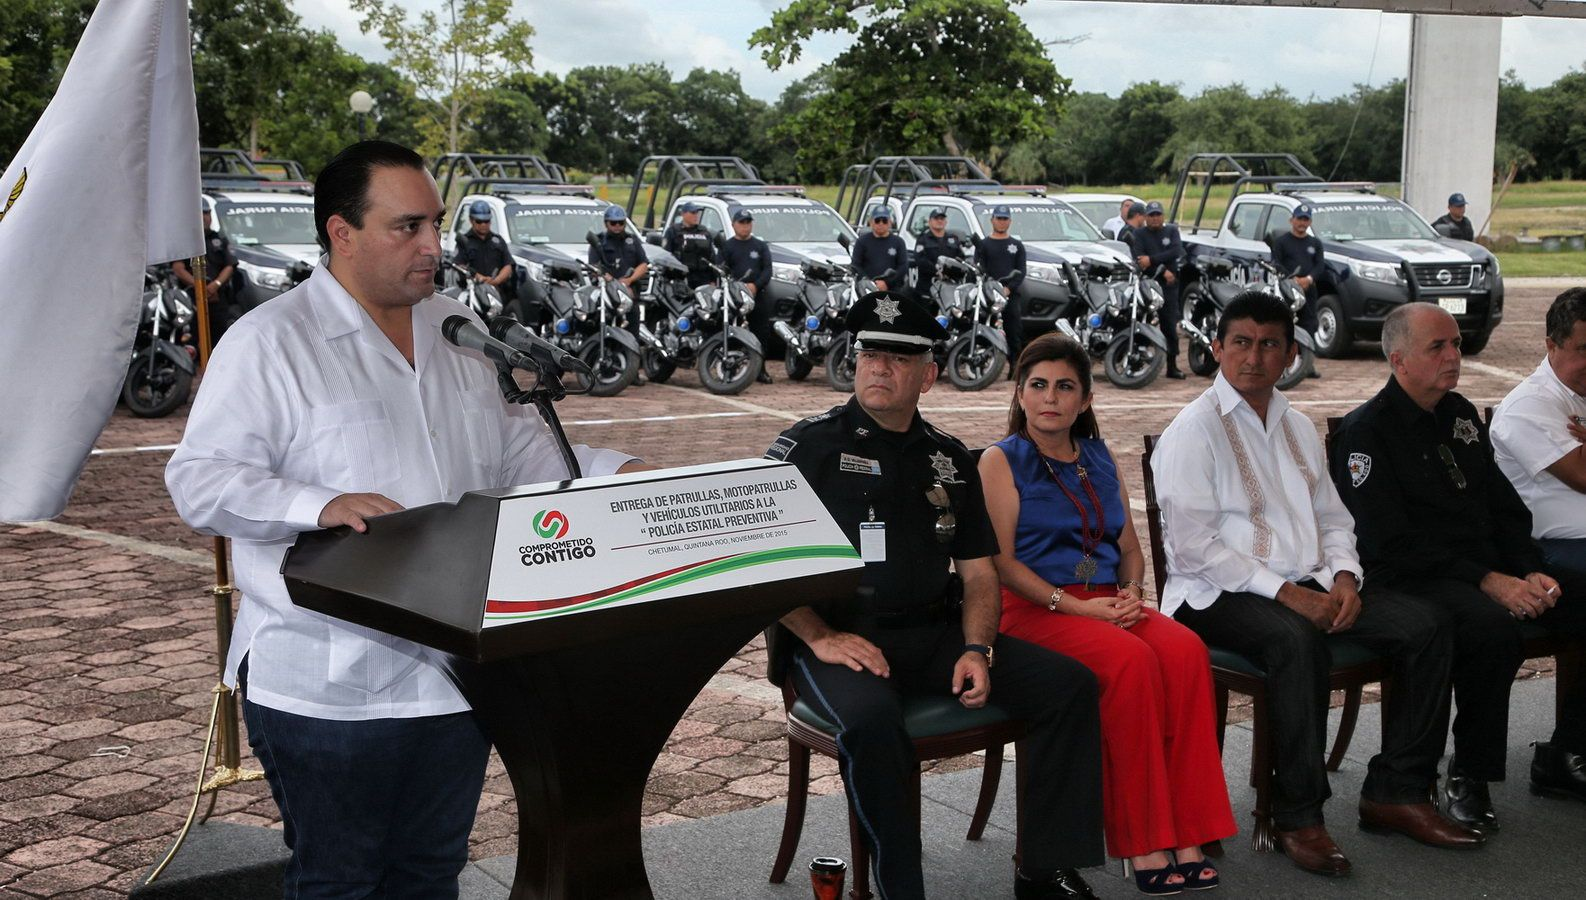 REFUERZA EL GOBERNADOR LA VIGILANCIA POLICIACA CON LA ENTREGA DE 45 PATRULLAS Y MOTOPATRULLAS A LA SECRETARÍA DE SEGURIDAD PÚBLICA